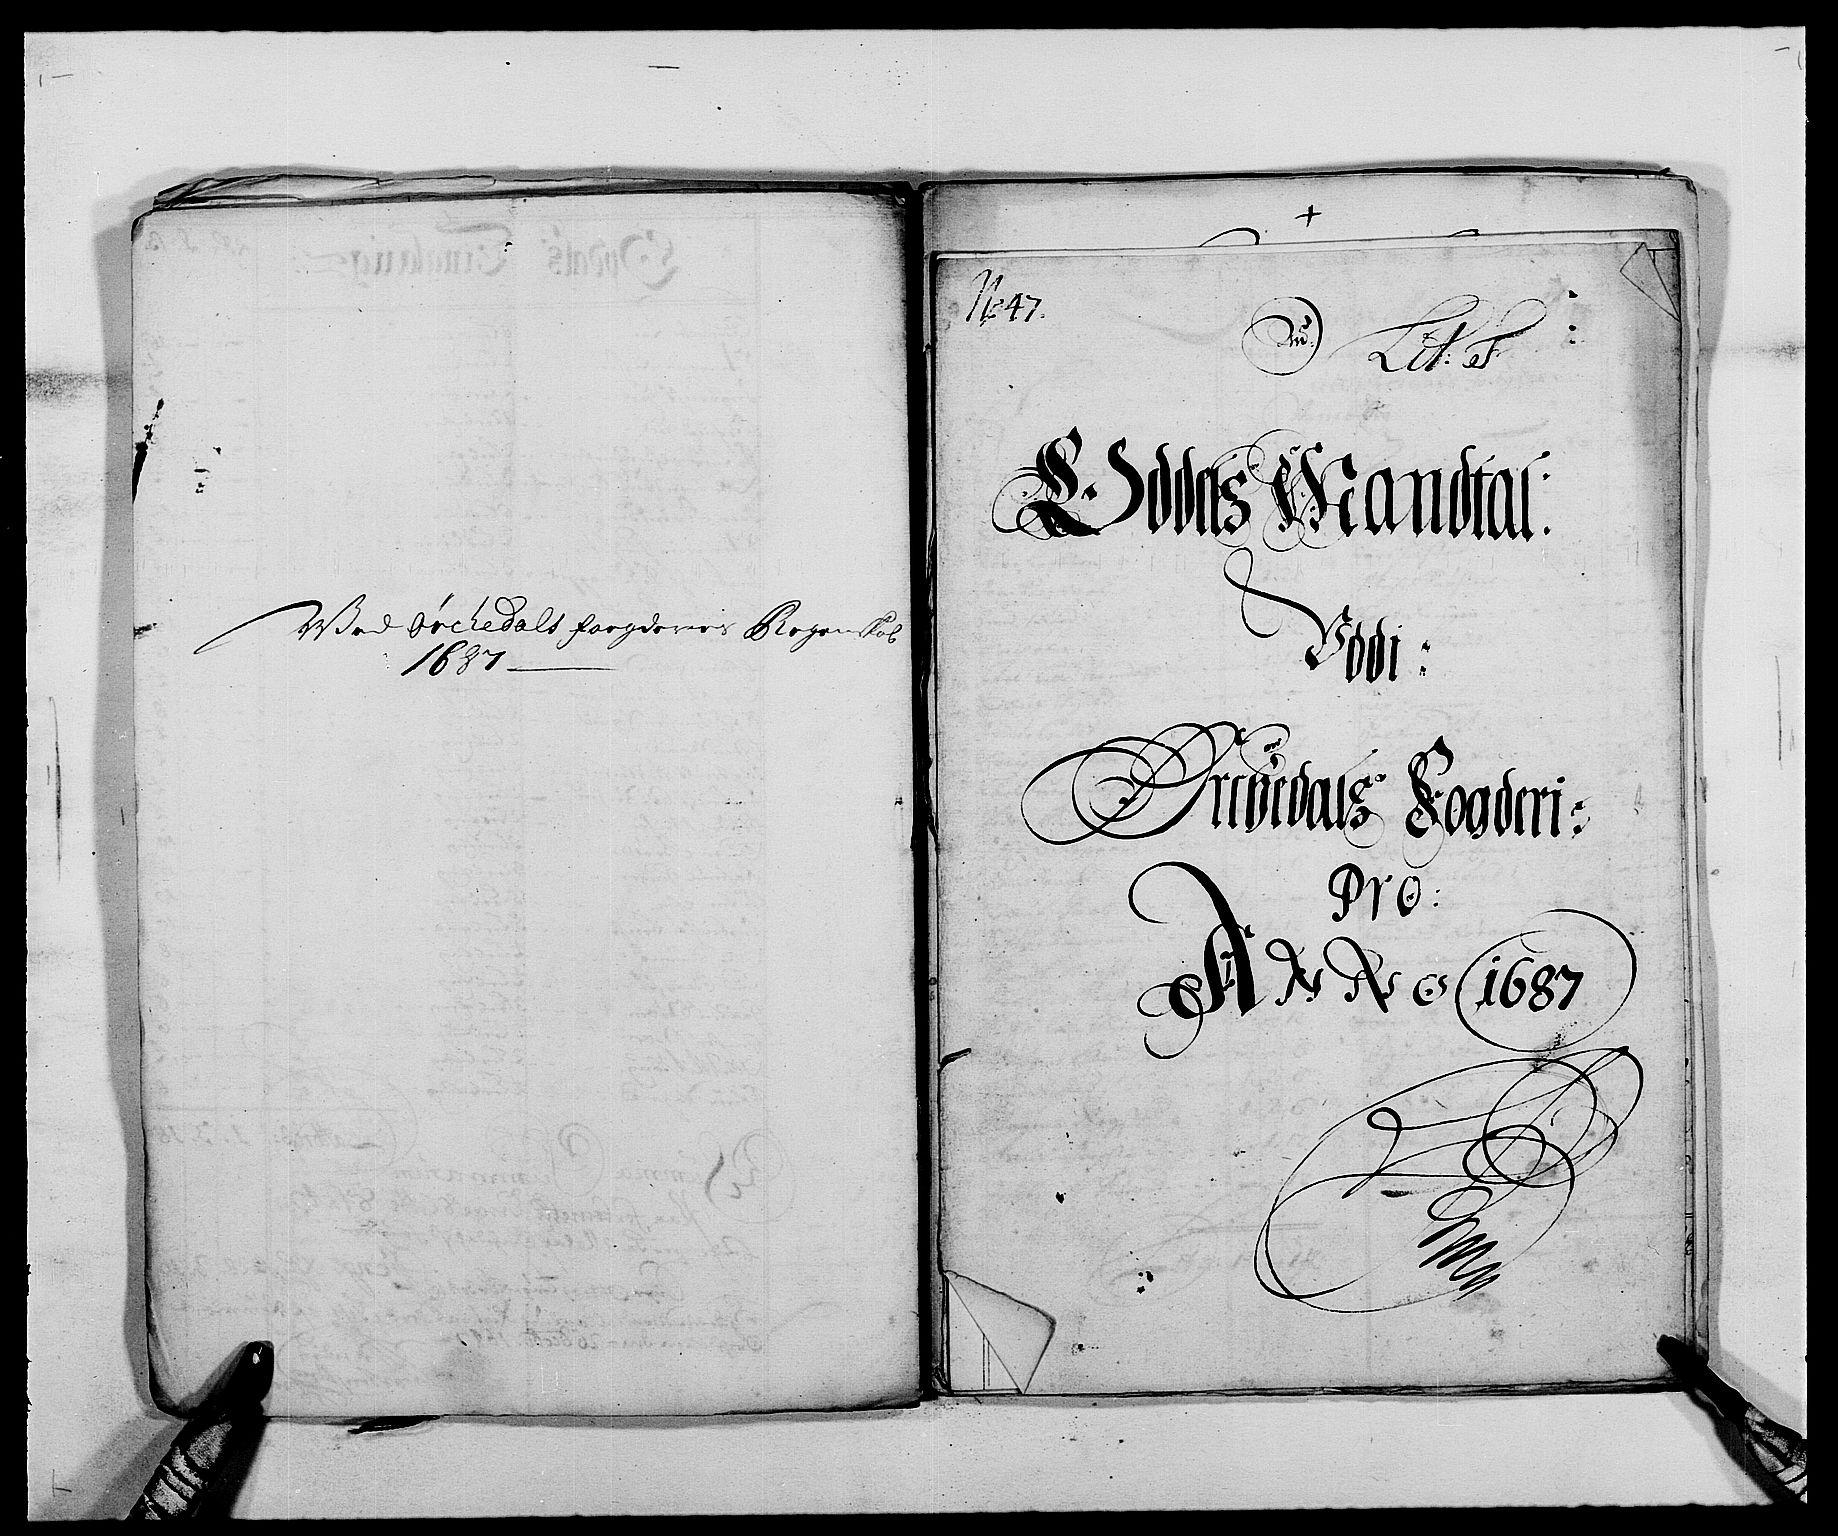 RA, Rentekammeret inntil 1814, Reviderte regnskaper, Fogderegnskap, R58/L3935: Fogderegnskap Orkdal, 1687-1688, s. 82